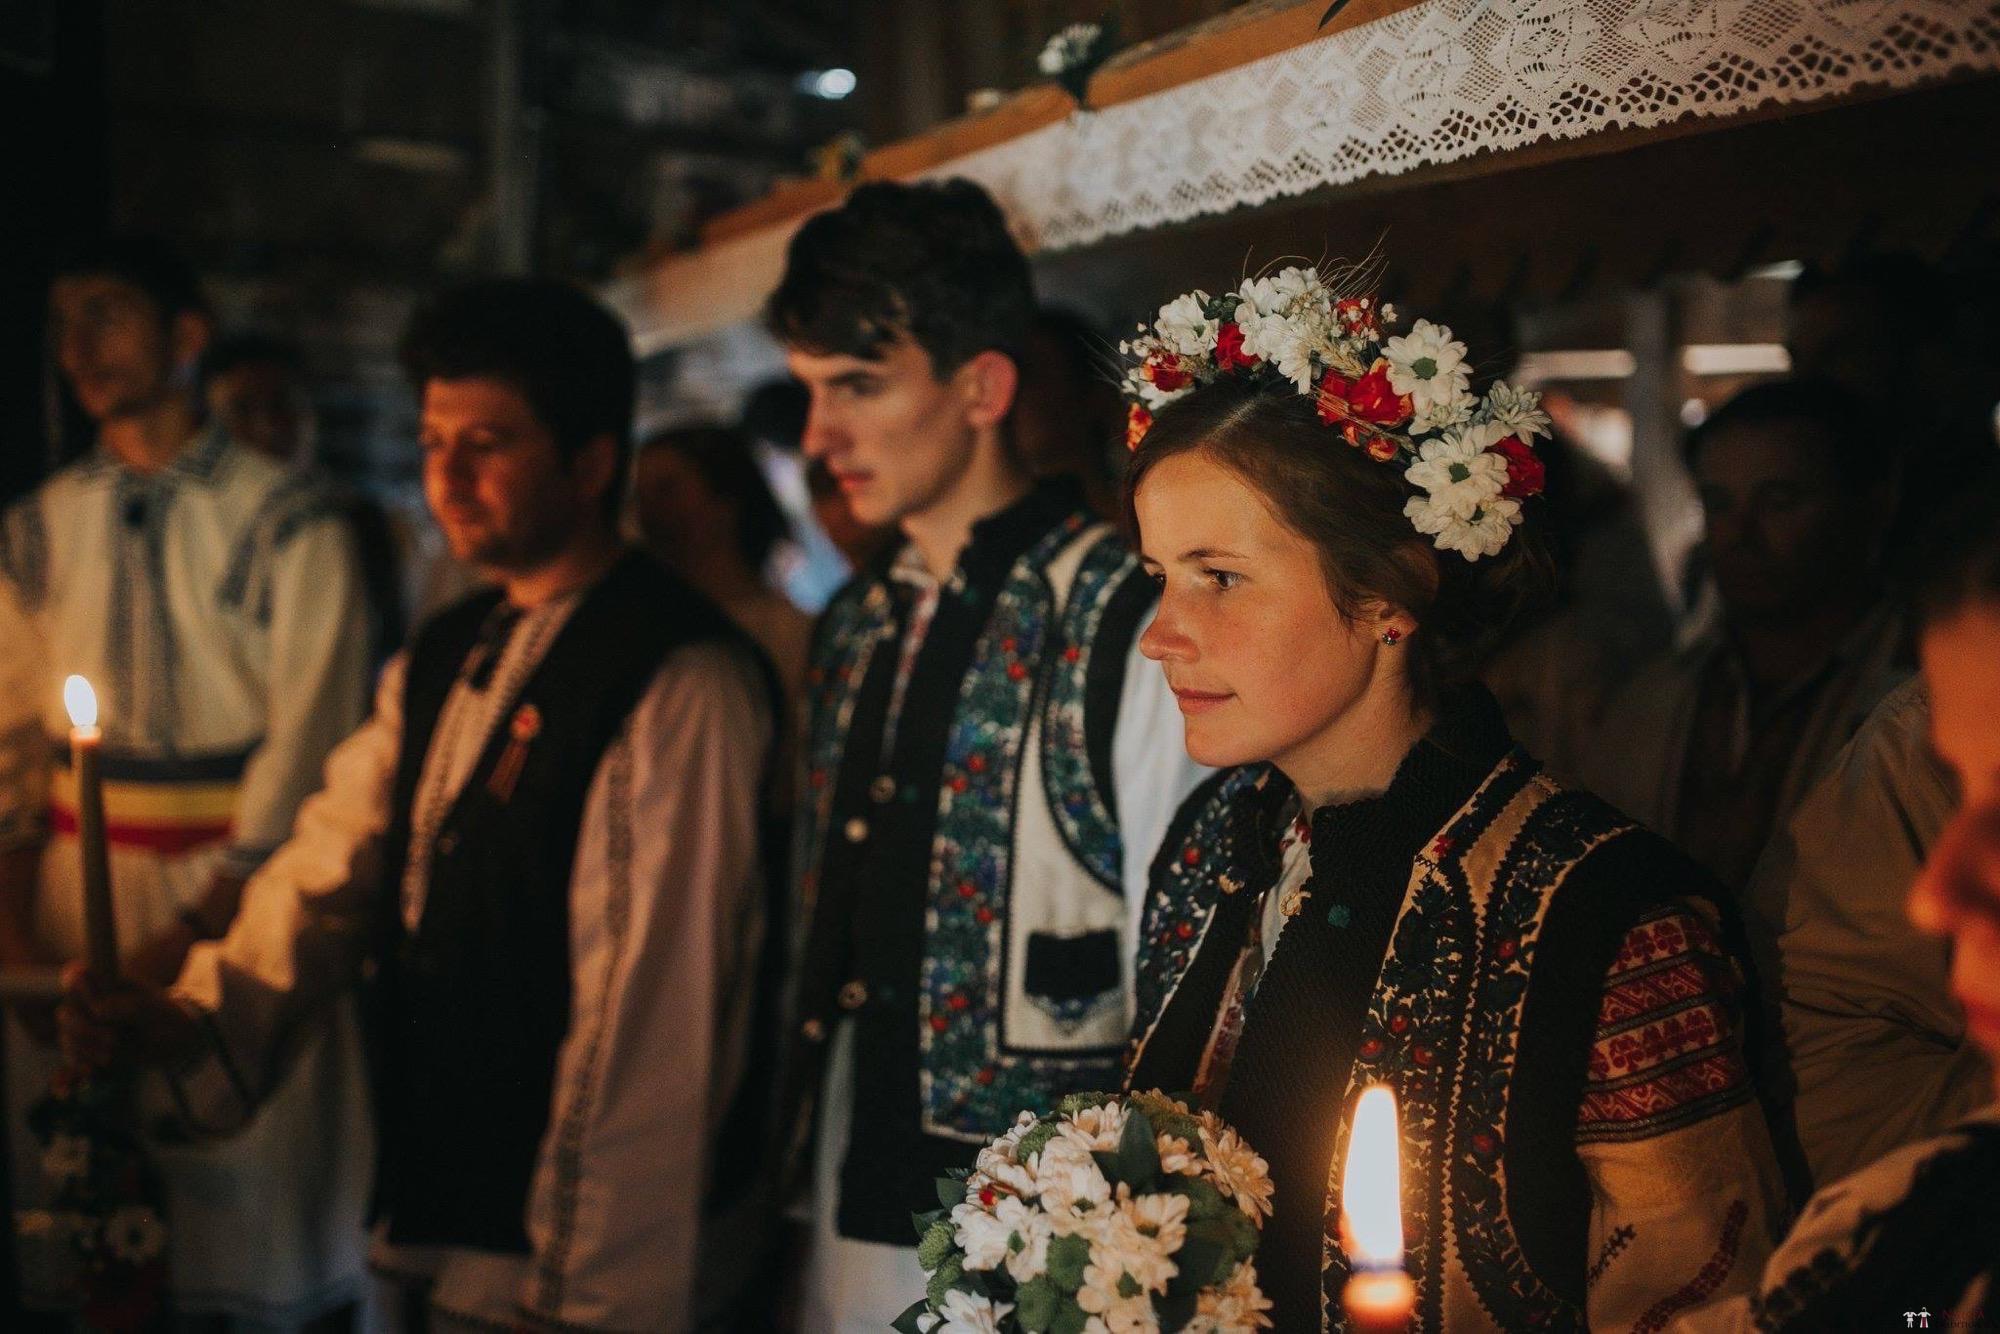 Povești Nunți Tradiționale - Andreea și Sergiu. Nuntă tradițională în Alba-Iulia 47